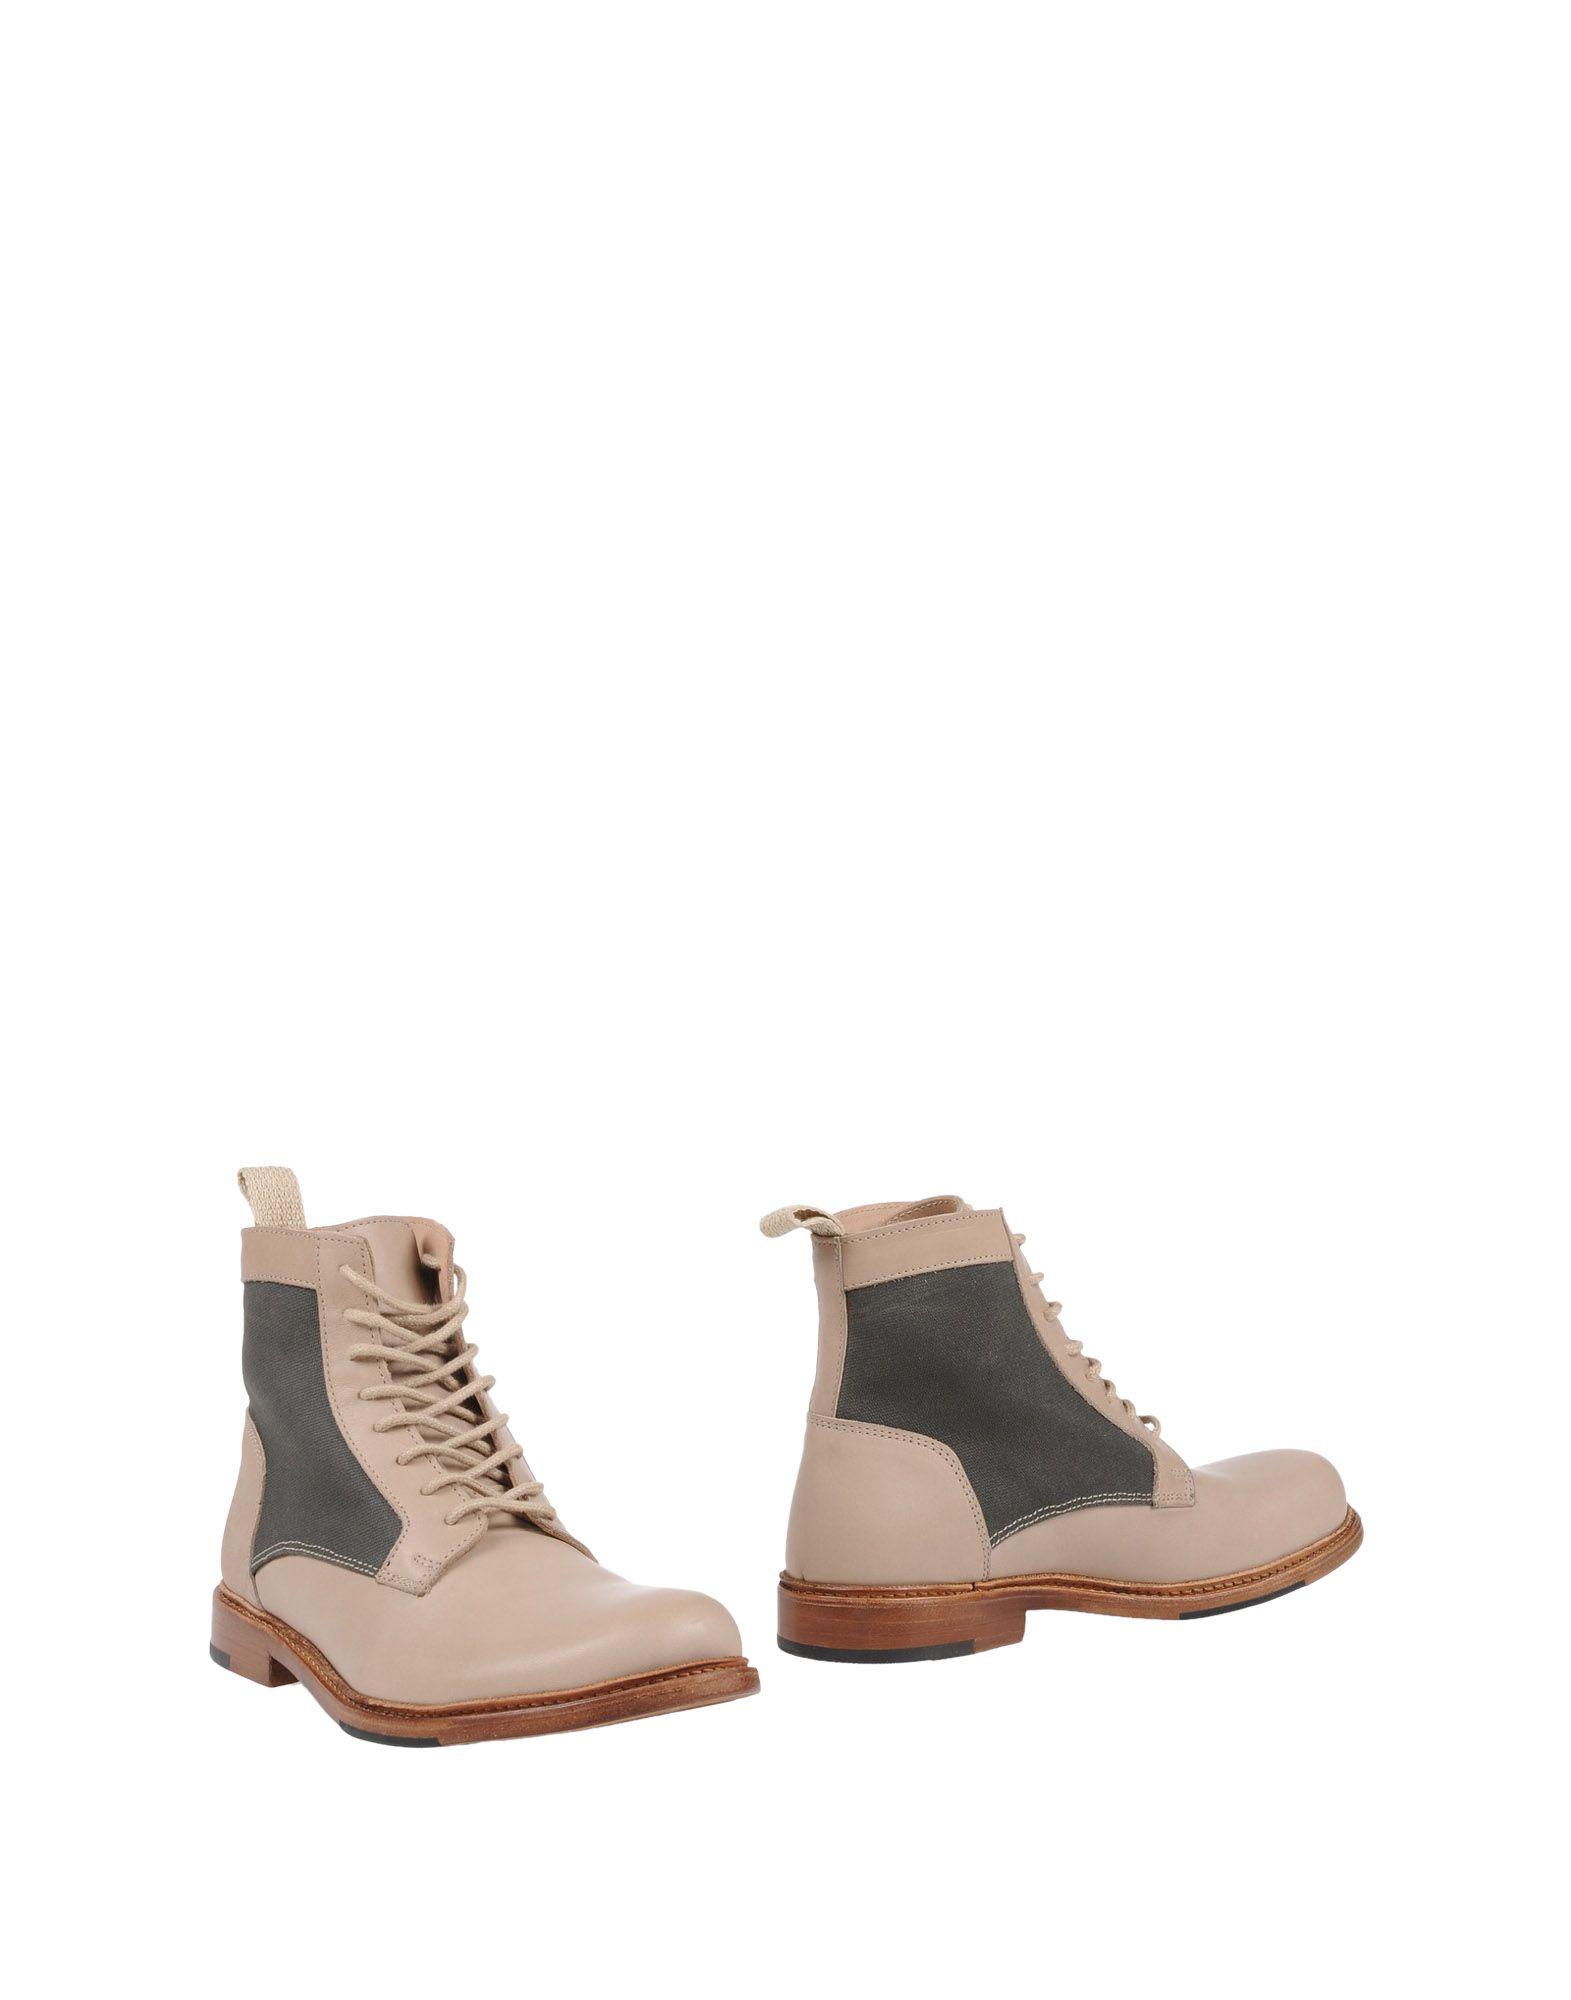 FOOTWEAR - Ankle boots on YOOX.COM Rokin htWl0S